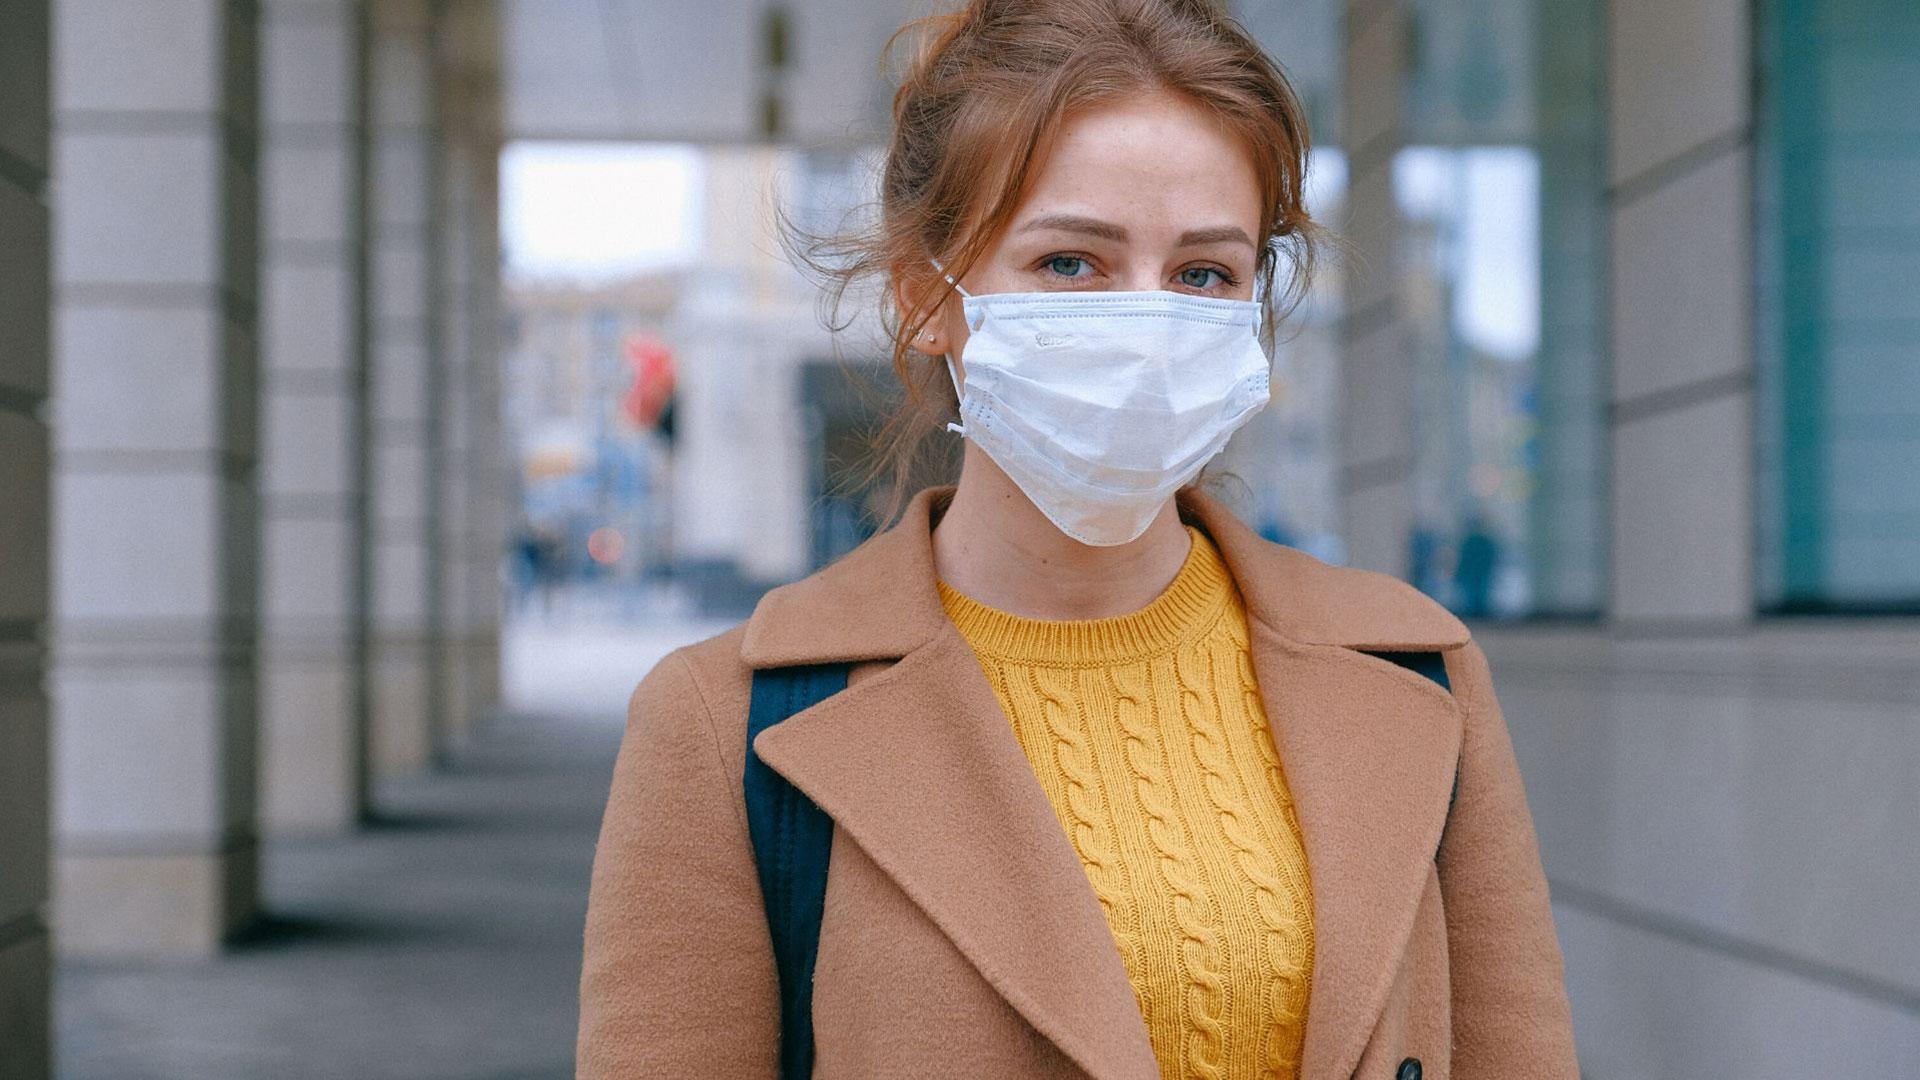 Hai dell'acne o irritazioni da mascherina? Scopri i trucchi per prevenire problemi alla pelle